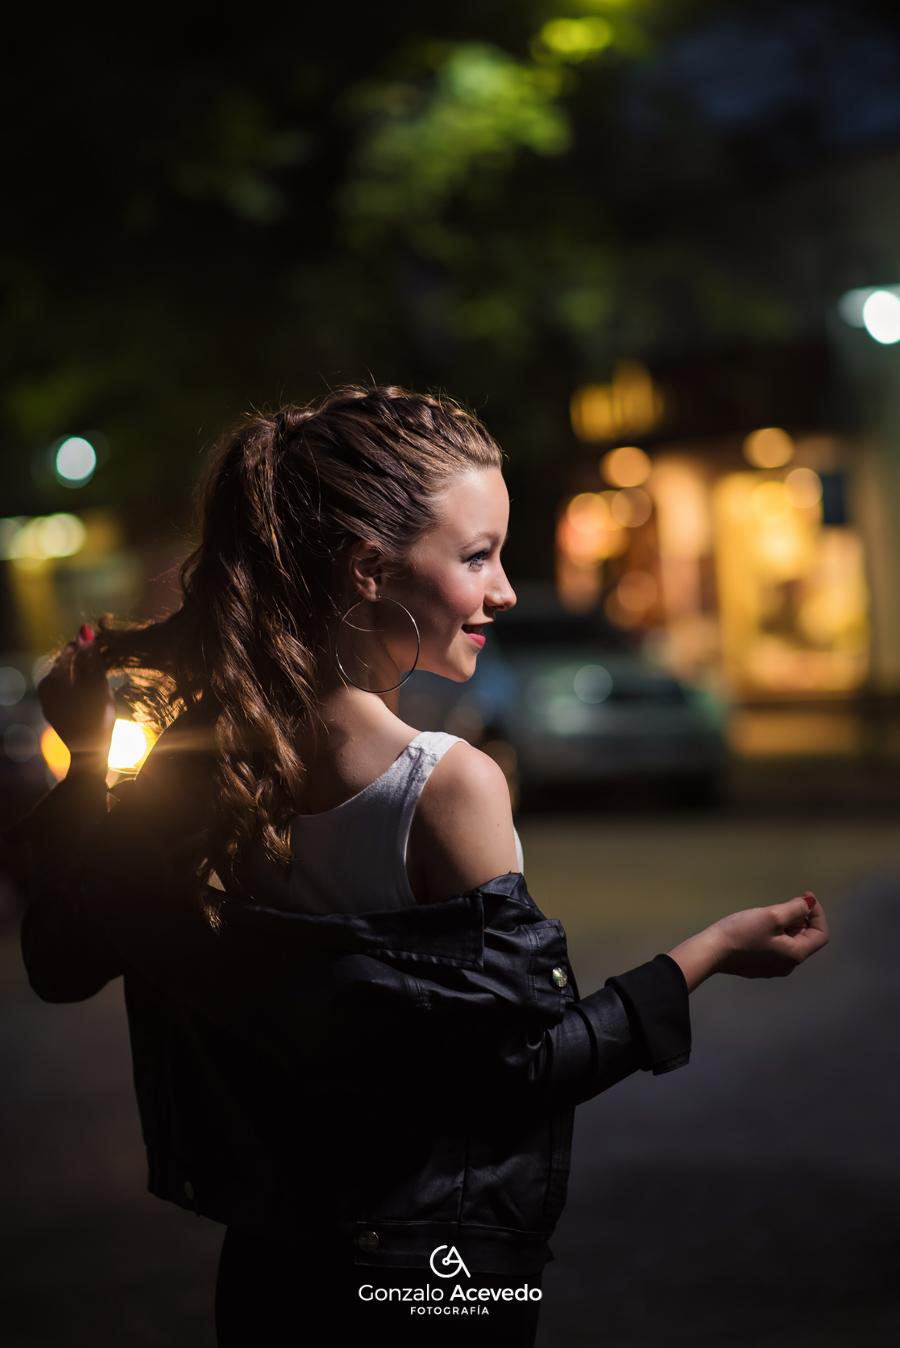 Agos book 15 look urbano night ciudad ideas geniales #gonzaloacevedofotografia gonzalo acevedo